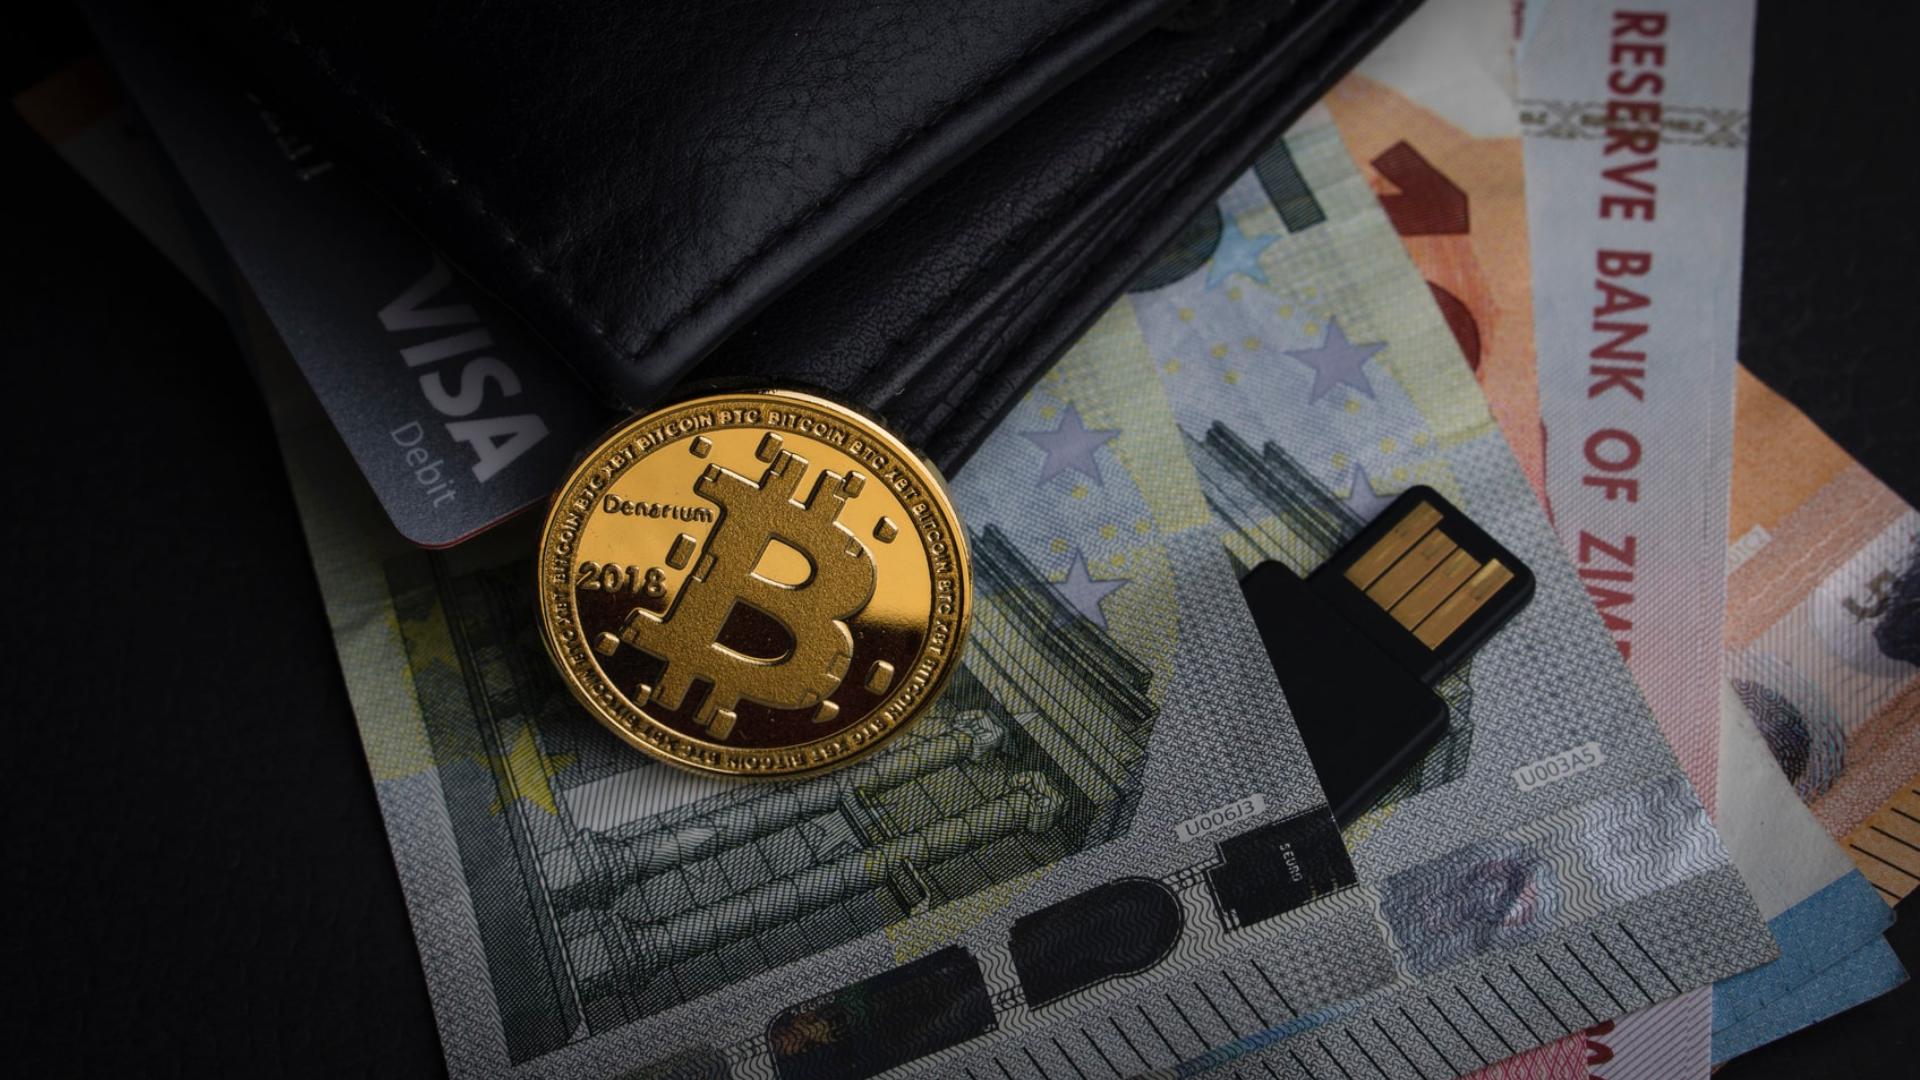 決済手段としてのビットコイン。金の替わりと成り得る日は近い?